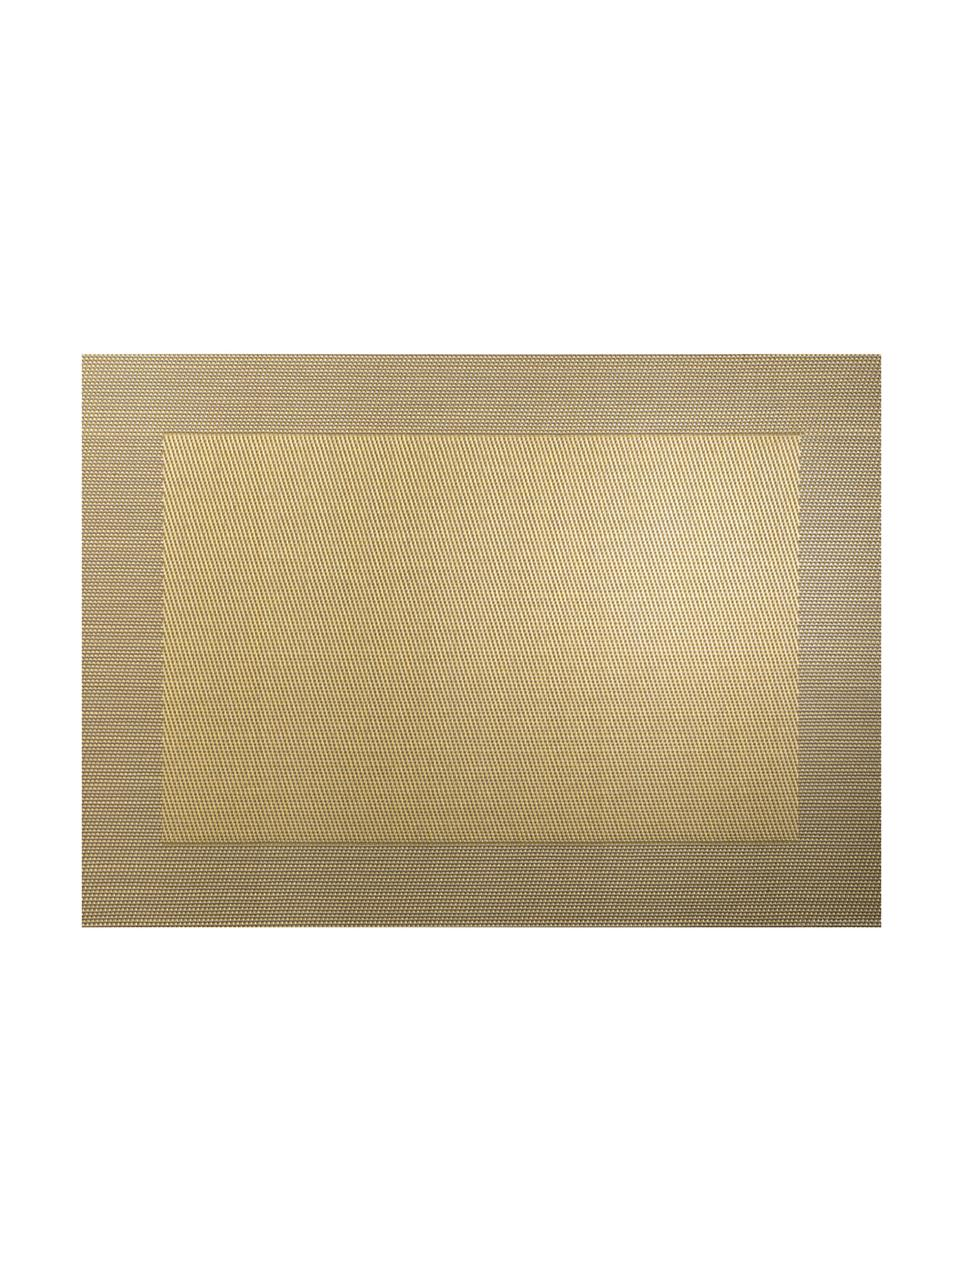 Podkładka  ze sztucznej skóry Trefl, 2 szt., Tworzywo sztuczne (PVC), Odcienie złotego, S 33 x D 46 cm